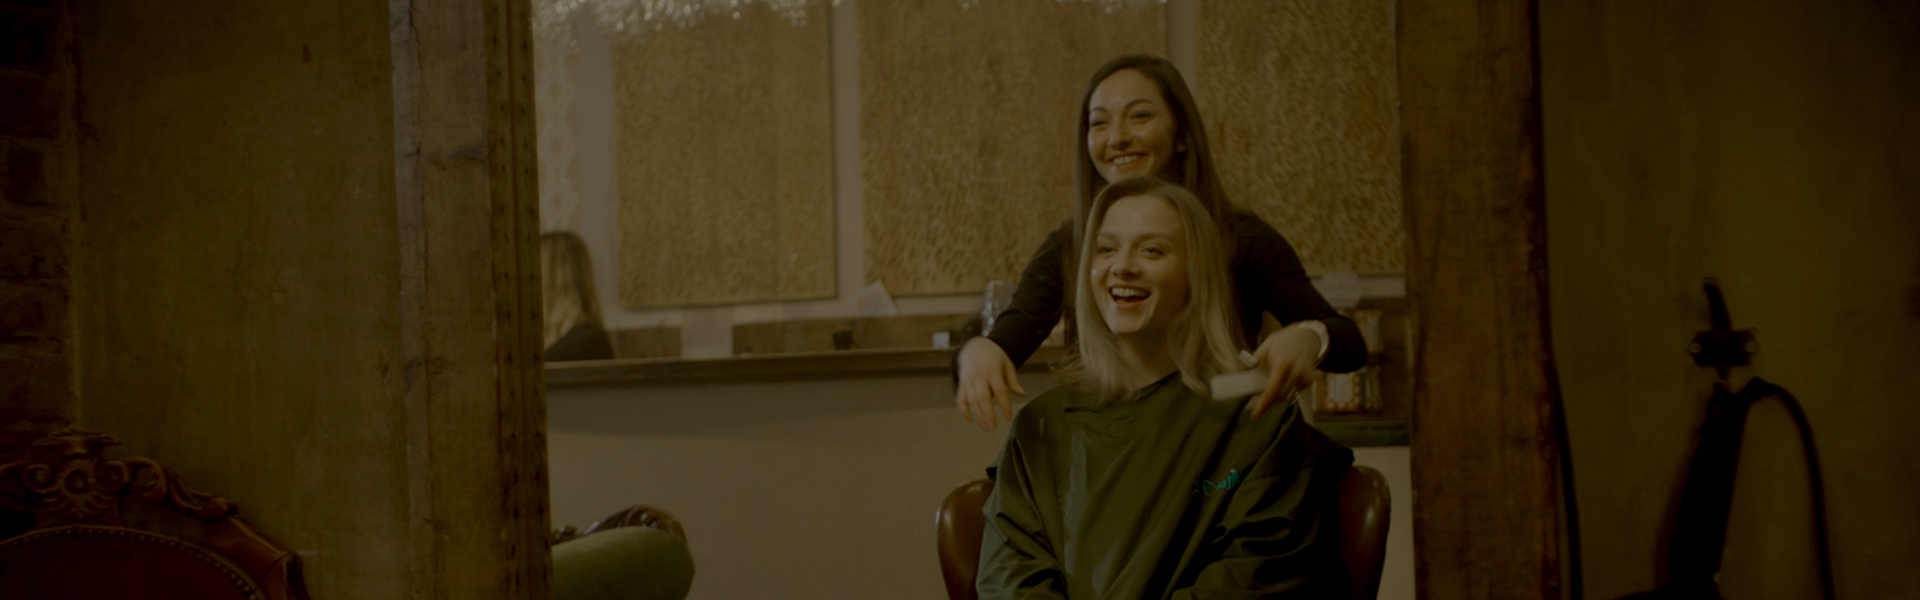 Dvě ženy v kadeřnickém salonu